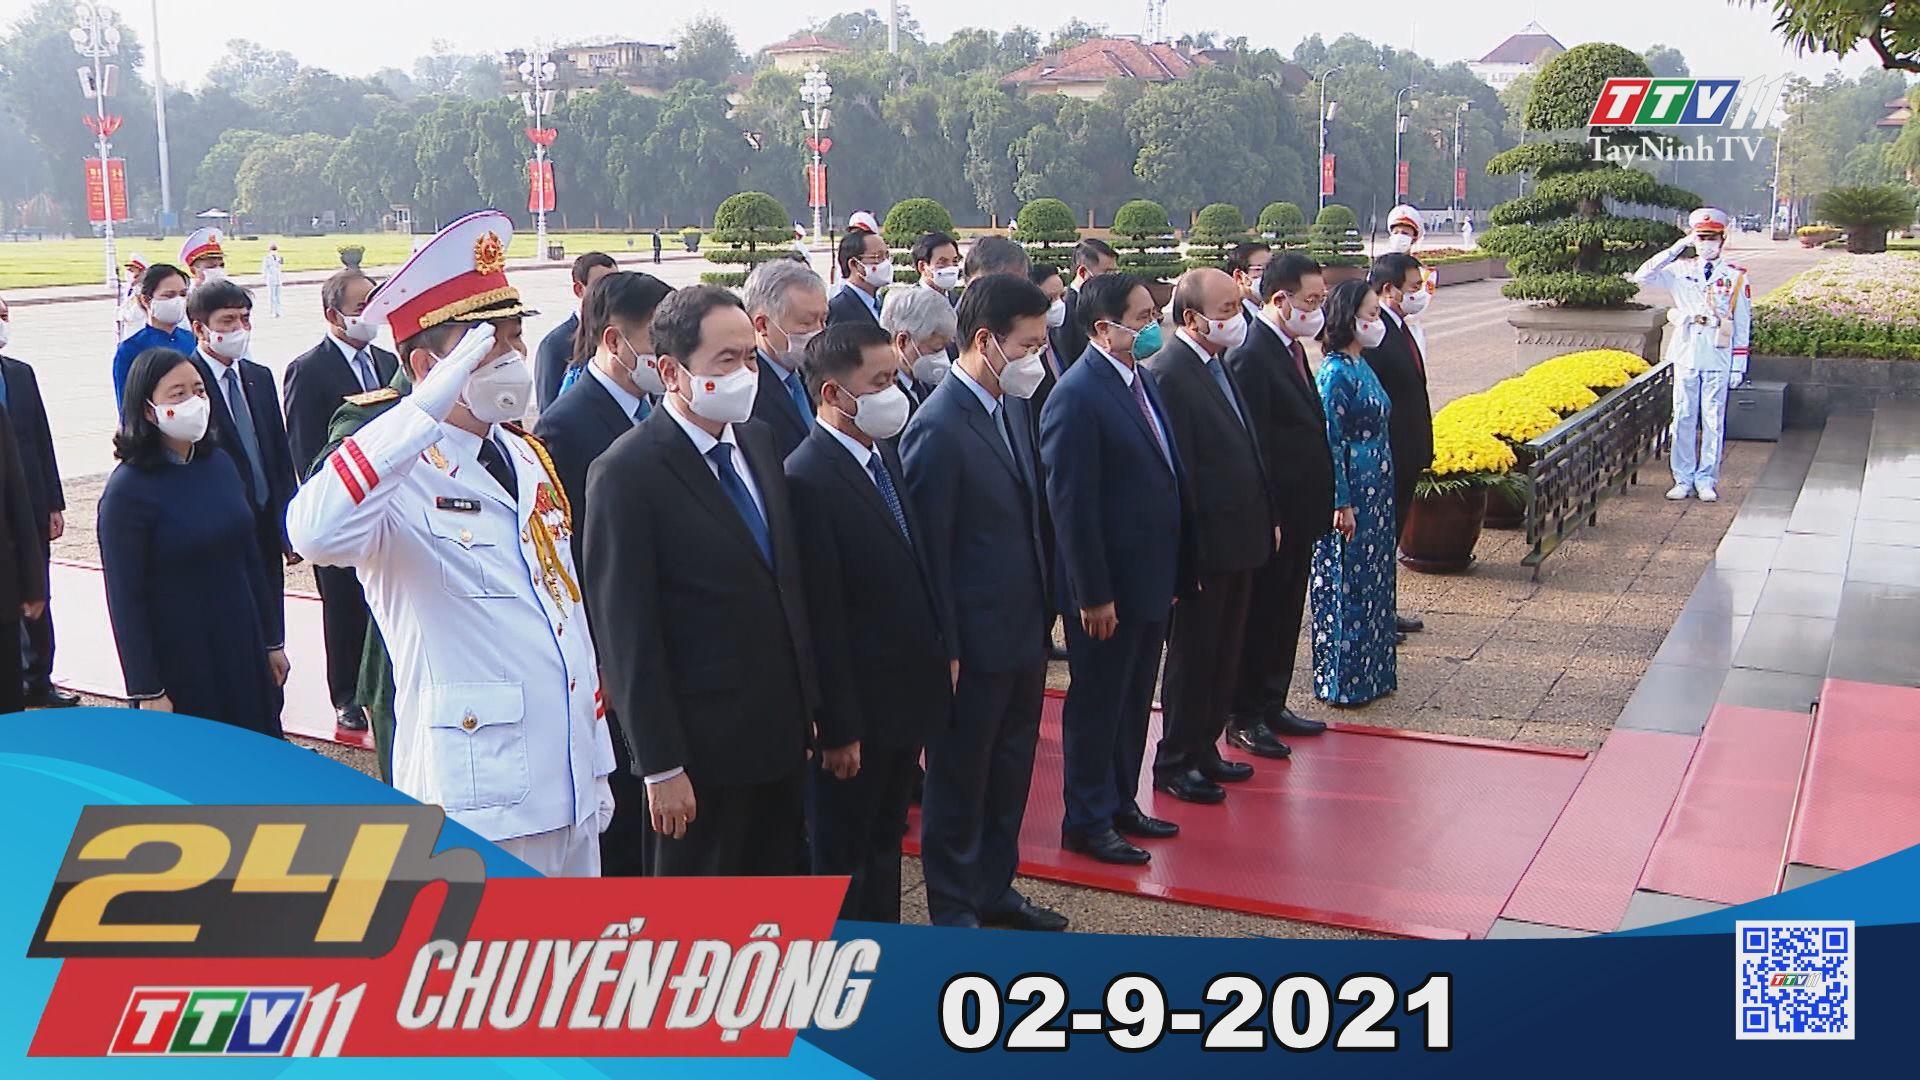 24h Chuyển động 02-9-2021 | Tin tức hôm nay | TayNinhTV